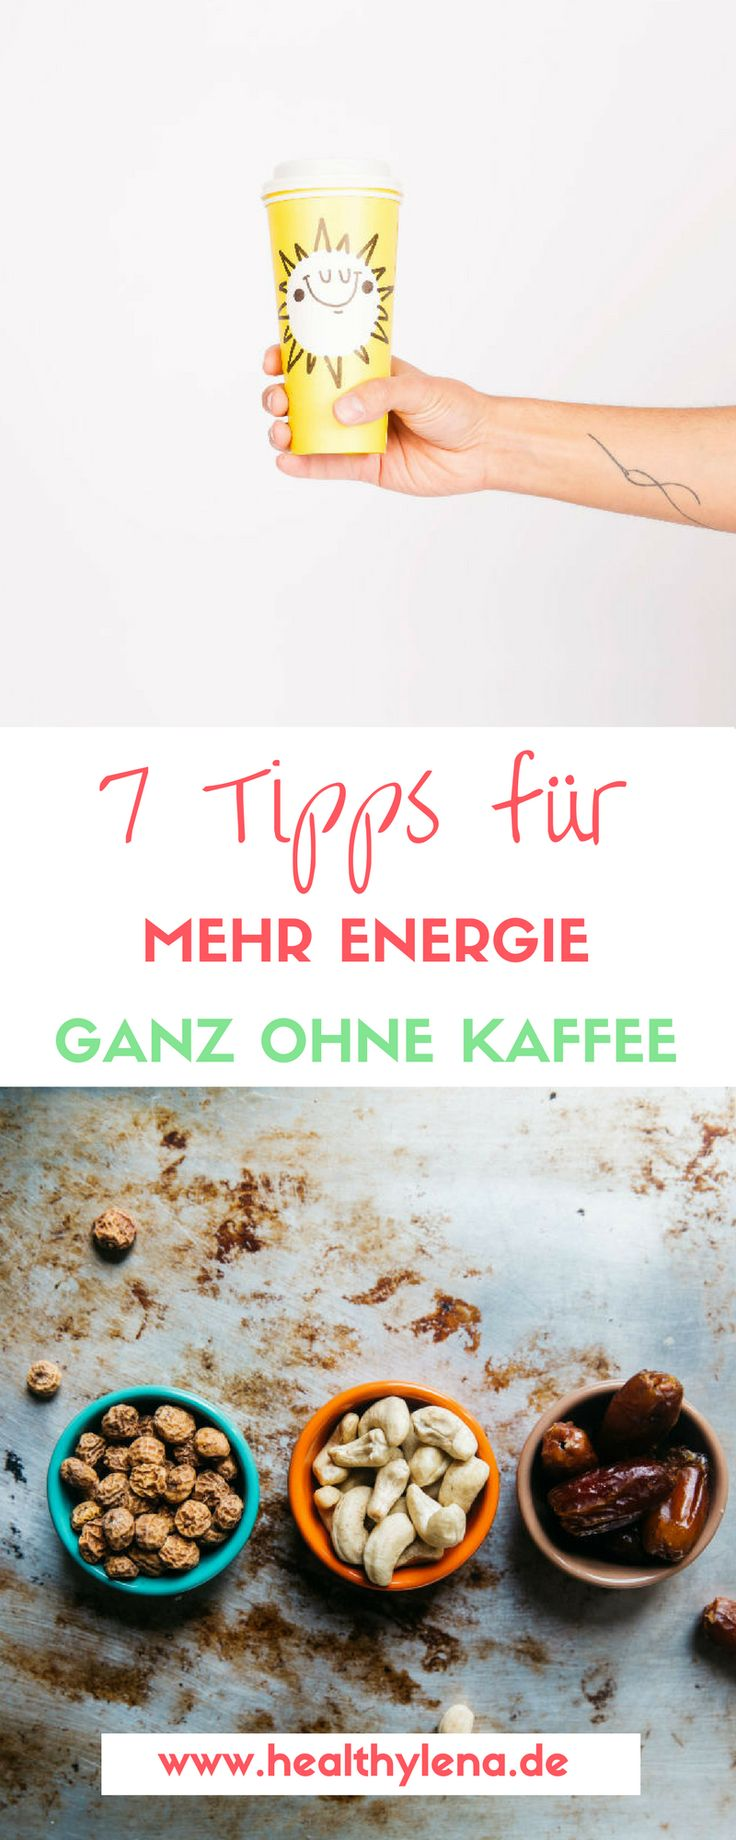 Keine Lust mehr auf das Koffein-Tief? Hier erfährst du 7 einfache Tipps für mehr Energie im Alltag – ganz ohne Kaffee!